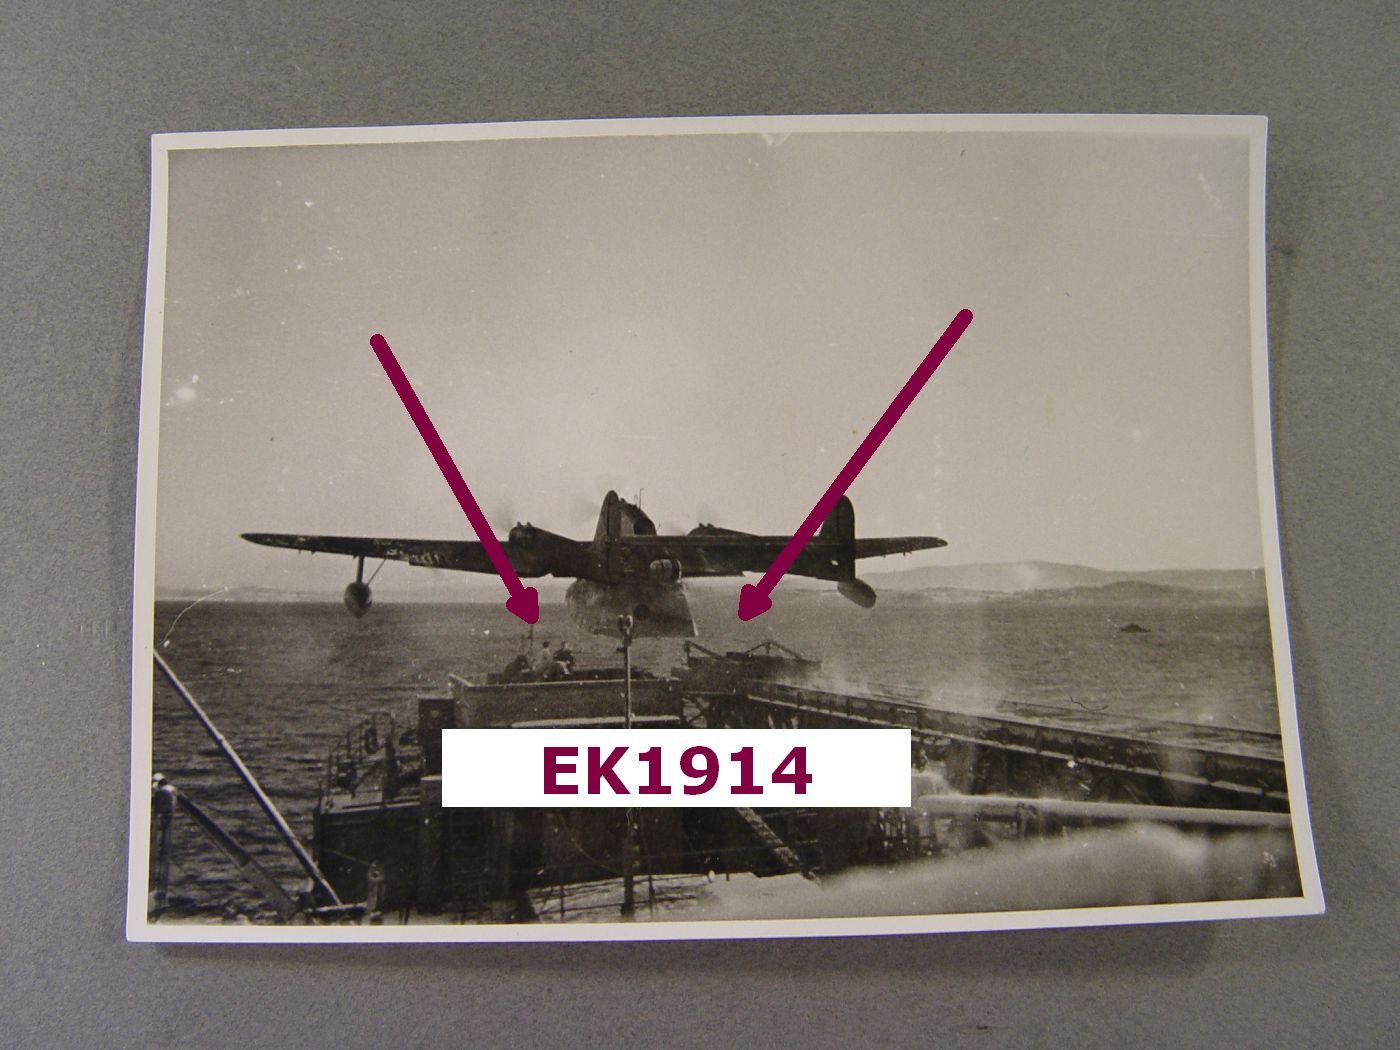 bv138_15_Katapultschiff Schleuderschiff Westfalen, BV-138, Norwegen Trondheim.JPG